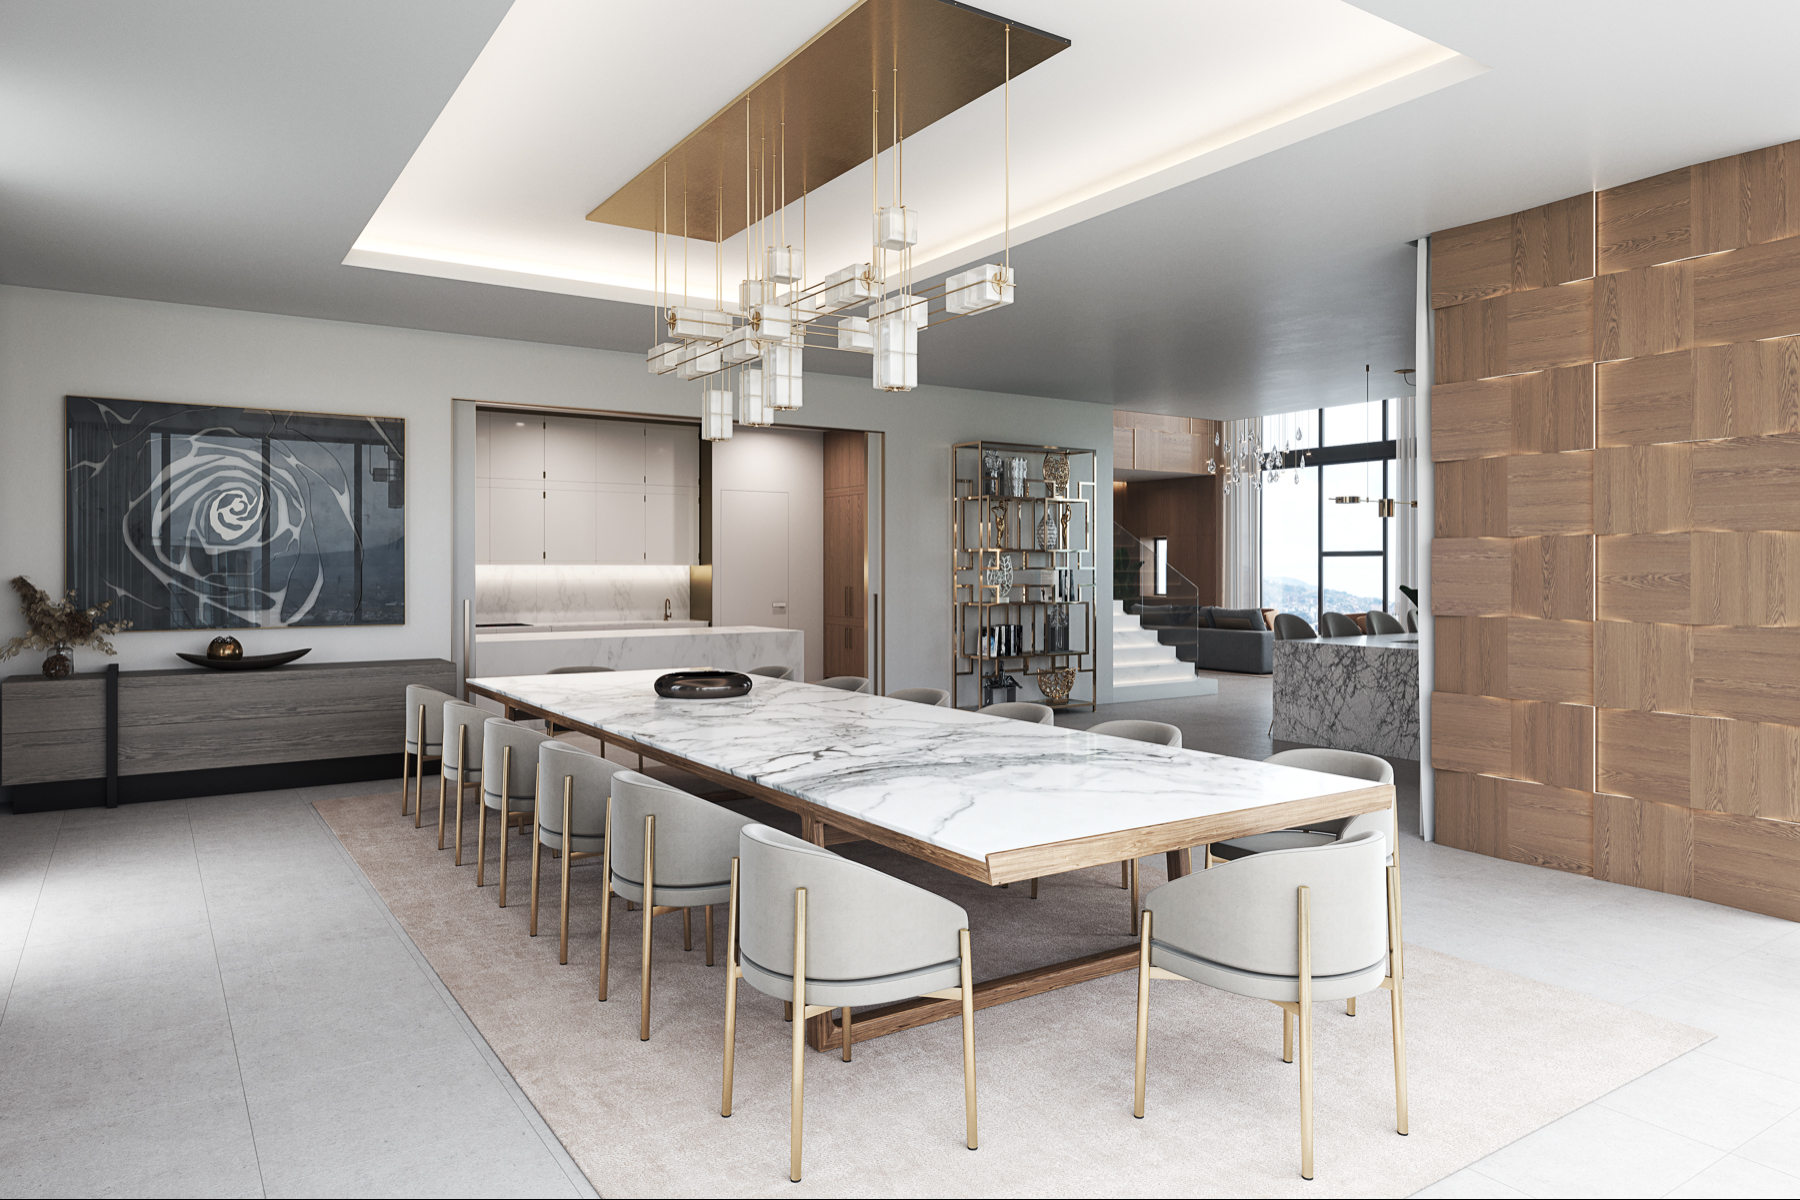 Apartments for Sale at Brilliant Penthouse, Nunciatura Rohrmoser, San Jose Costa Rica